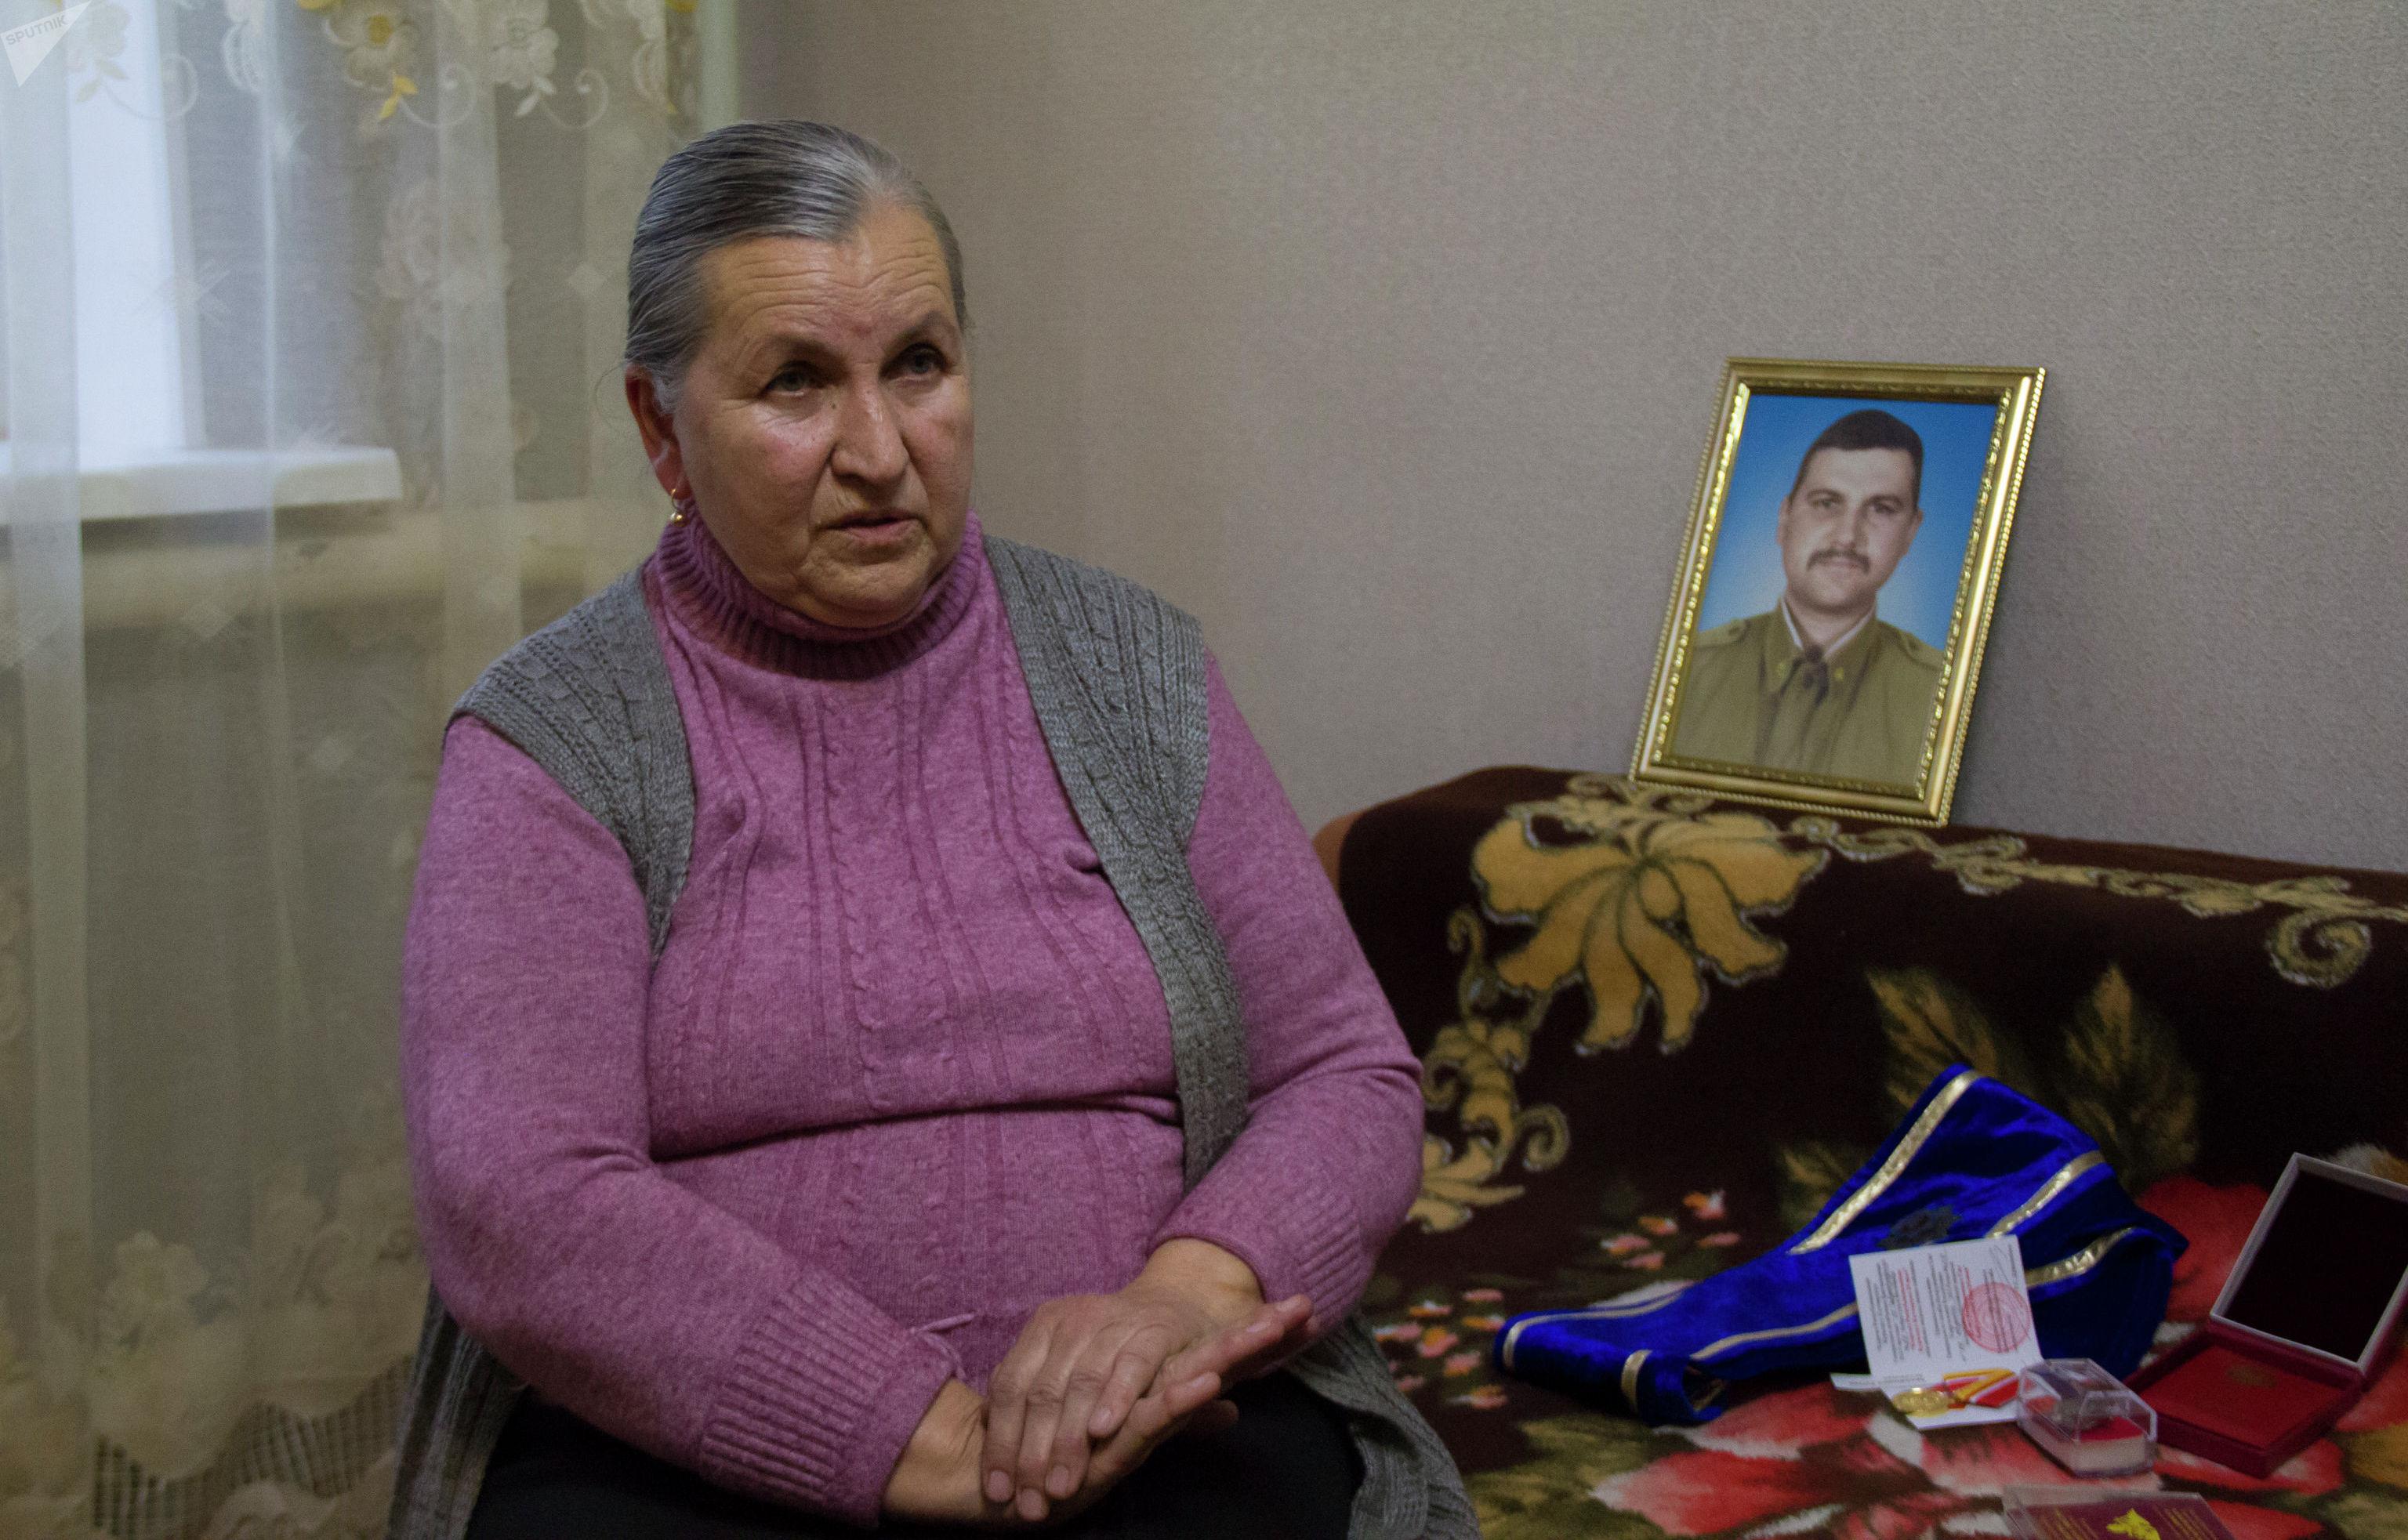 Мать погибшего солдата при Баткенских событиях Оля Арджиманова